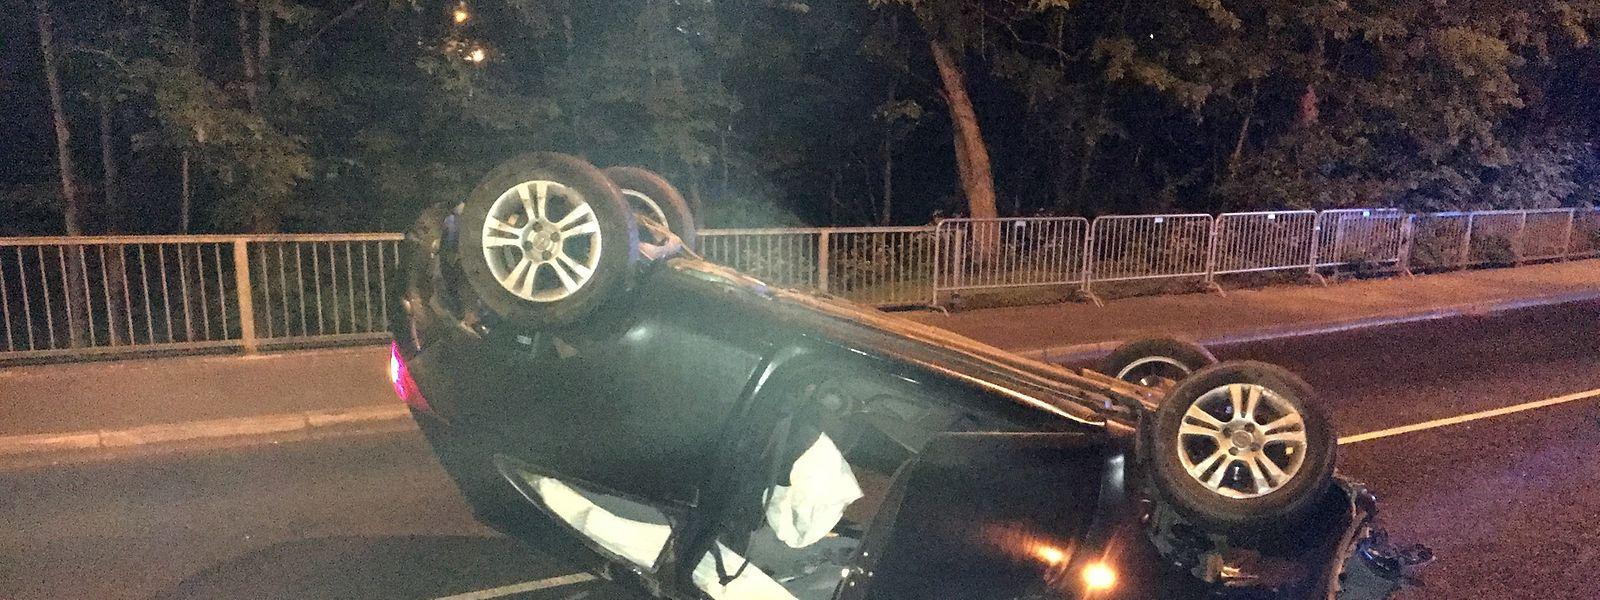 Le conducteur était ivre et a perdu le contrôle de sa voiture.